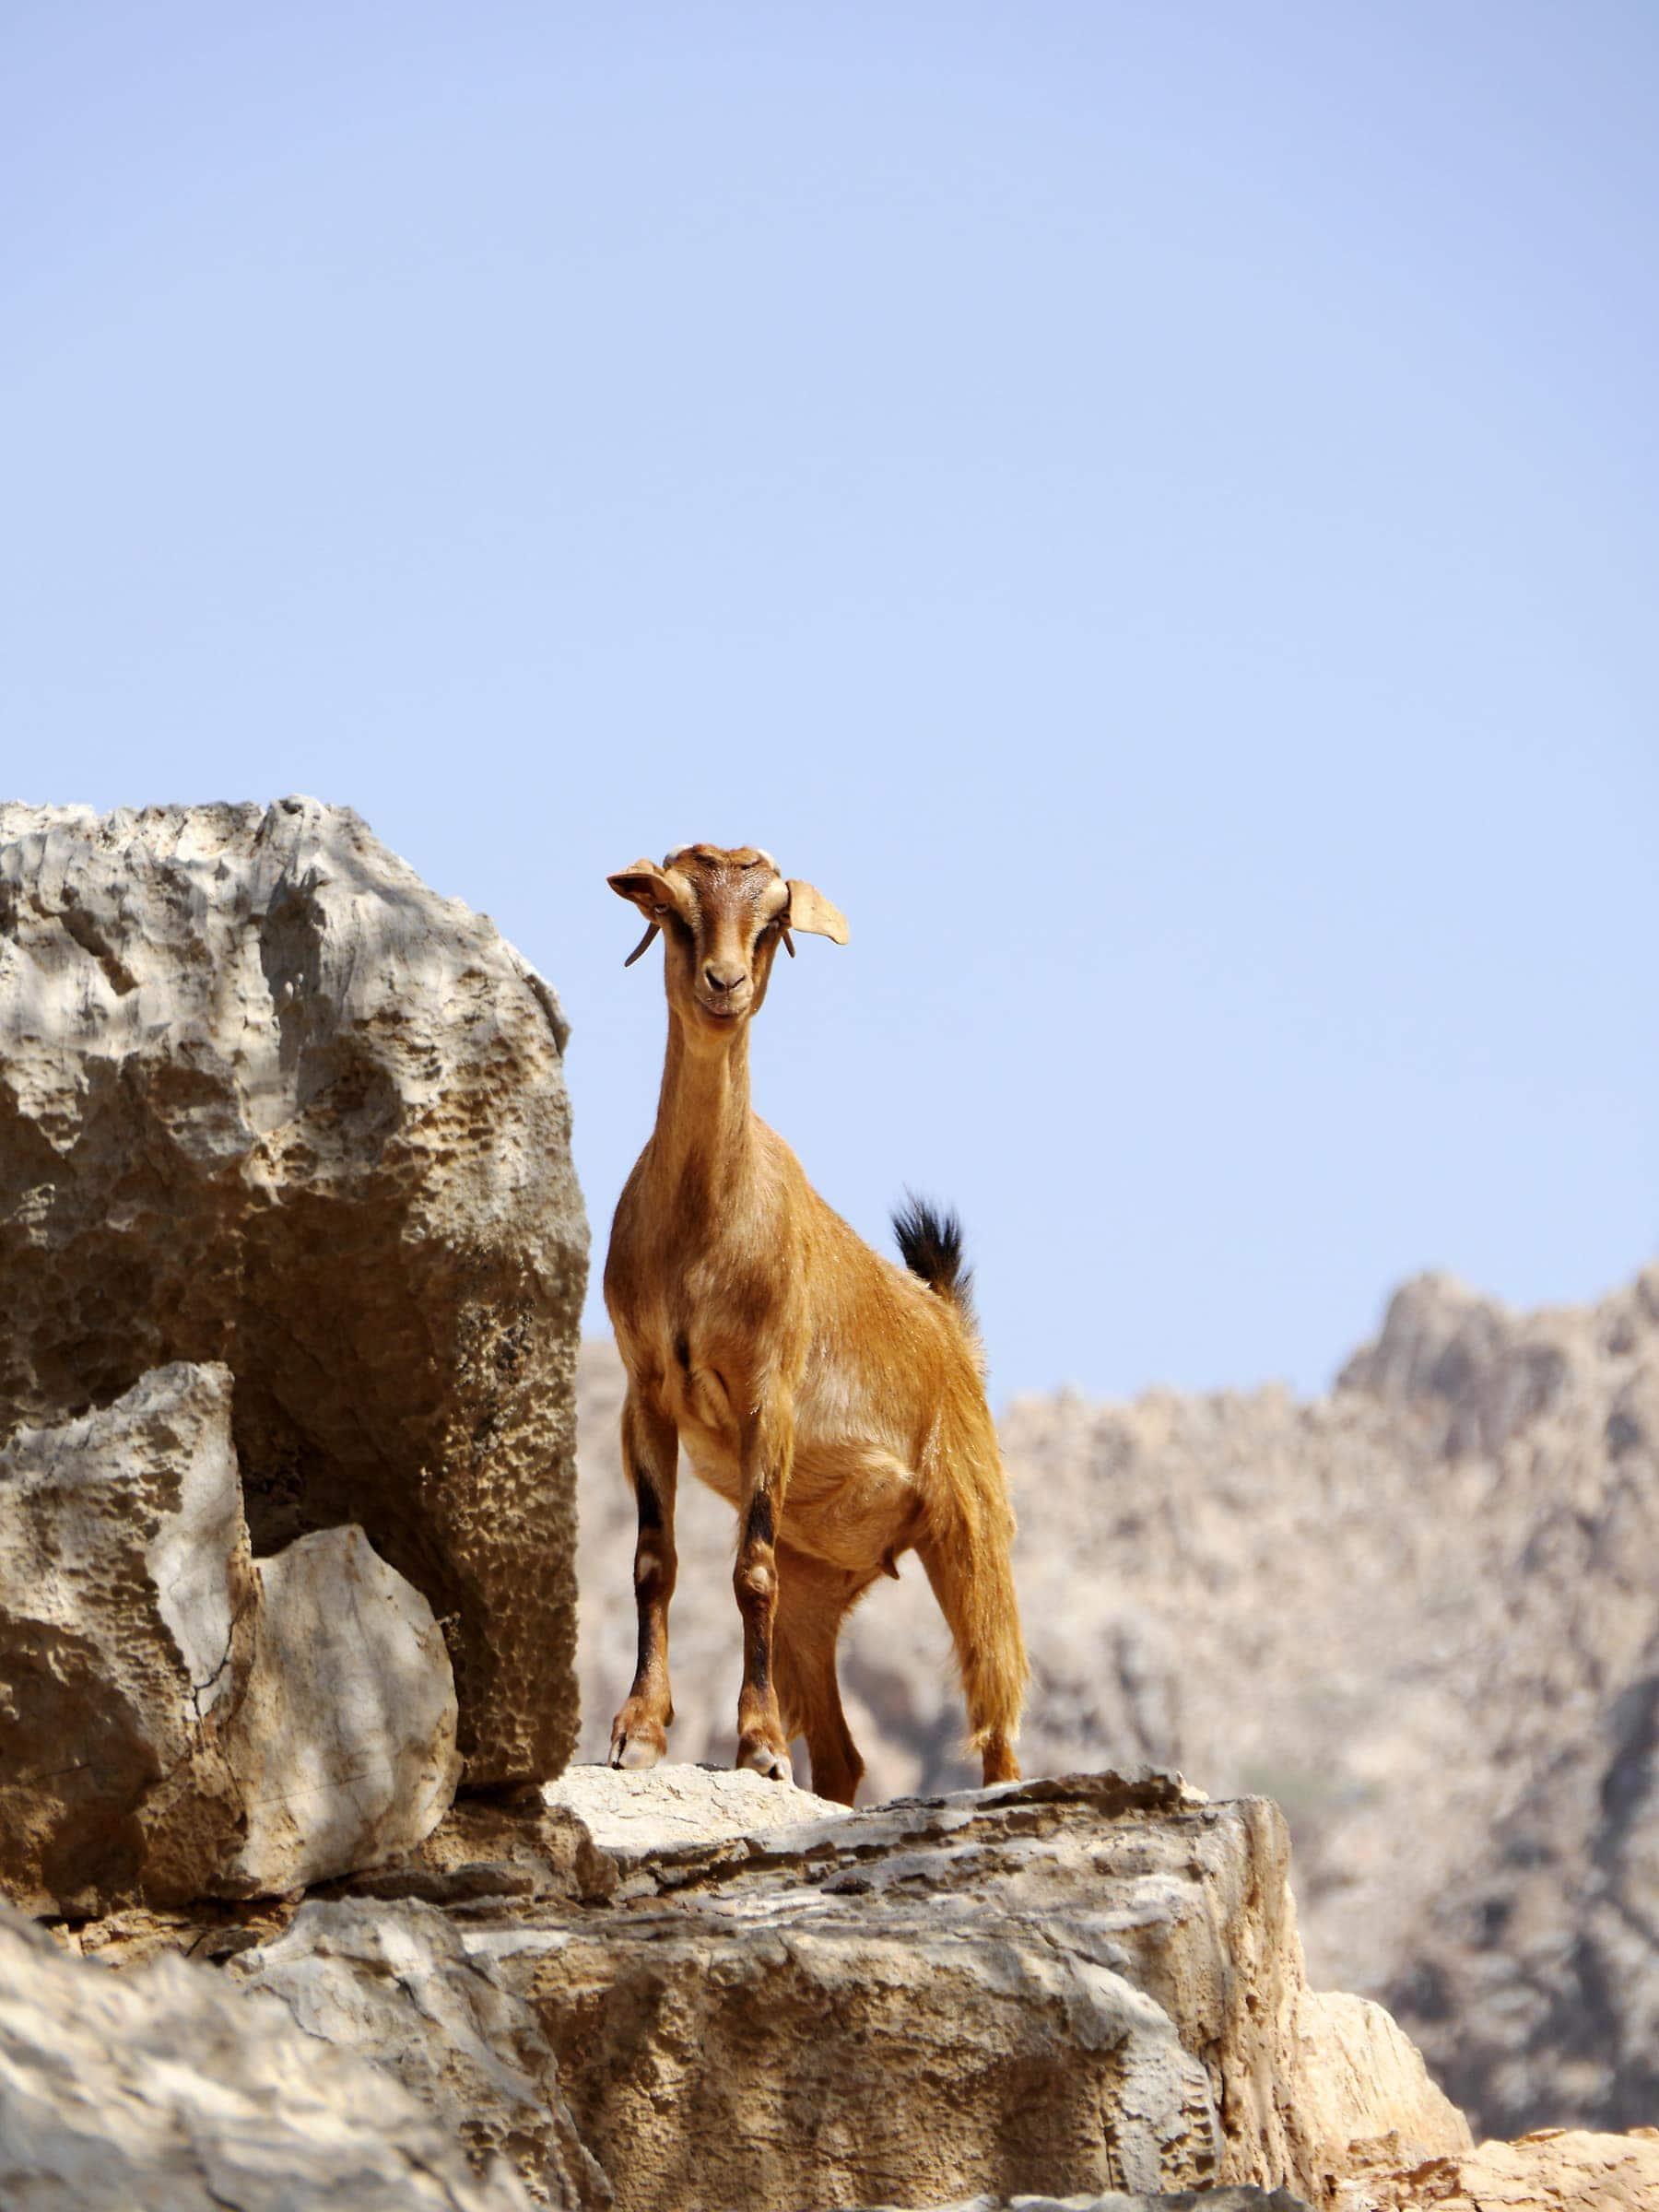 Ziege in der Bergwald des Oman